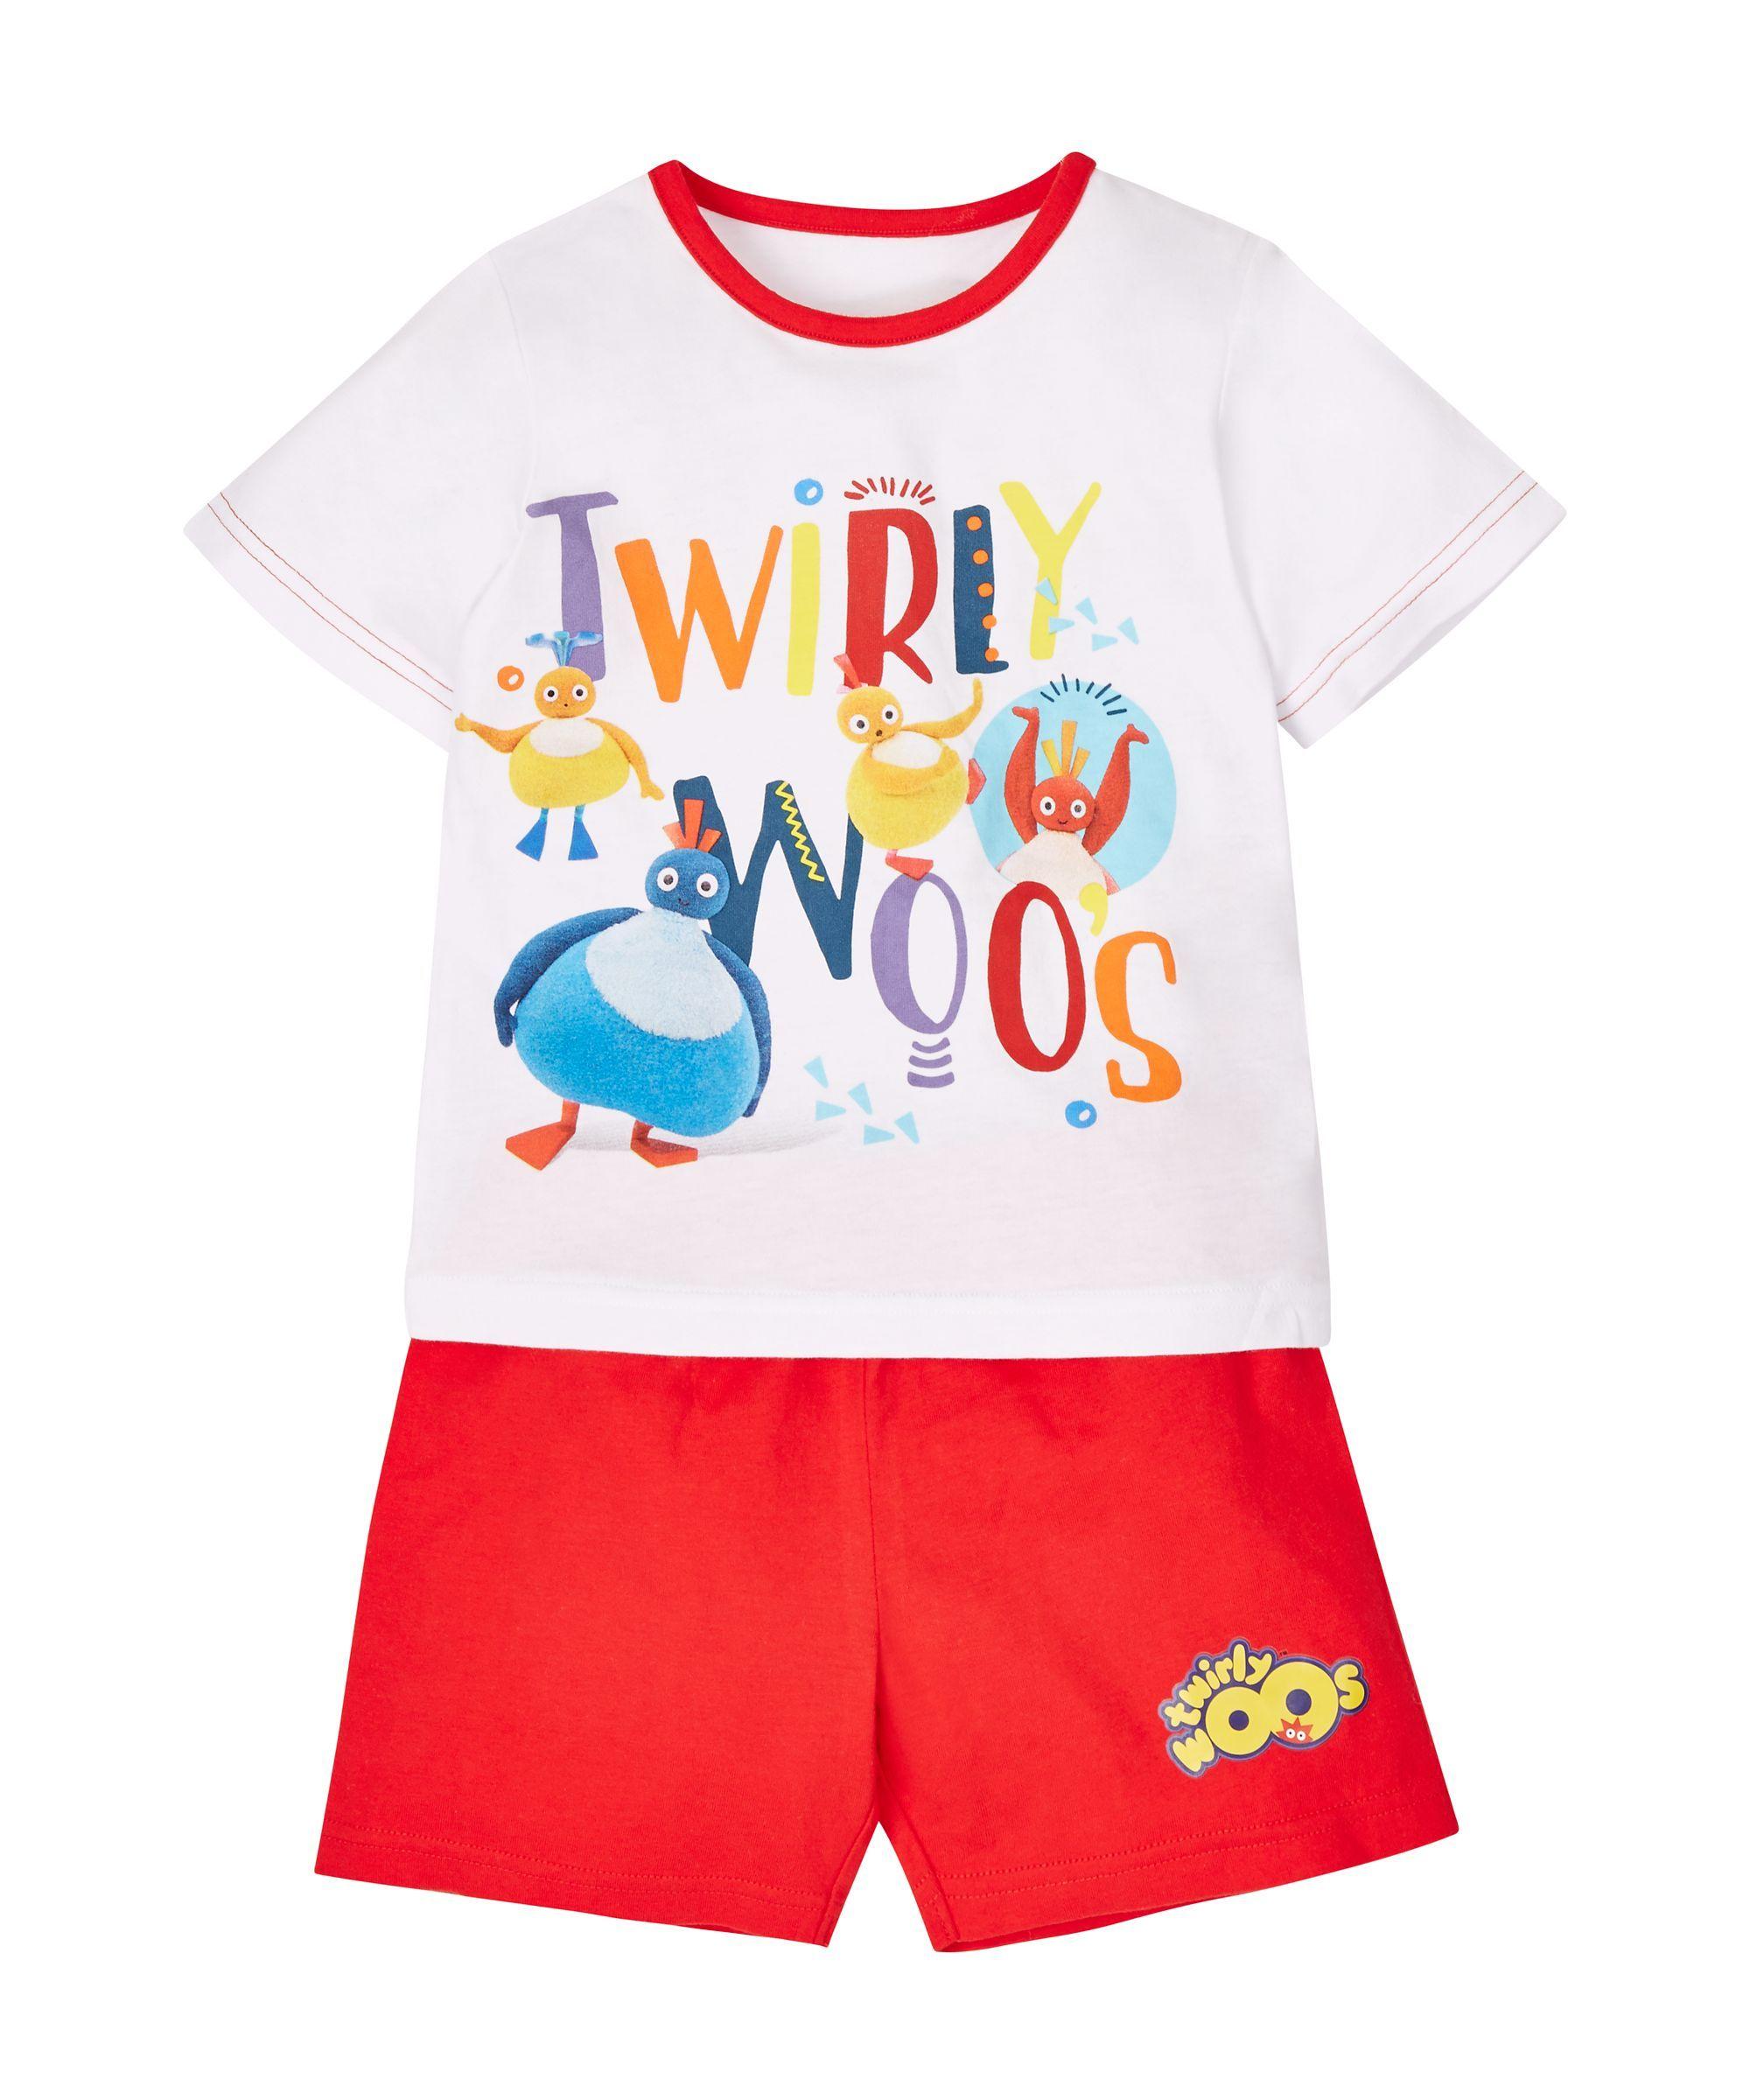 Twirlywoos Shortie Pyjamas